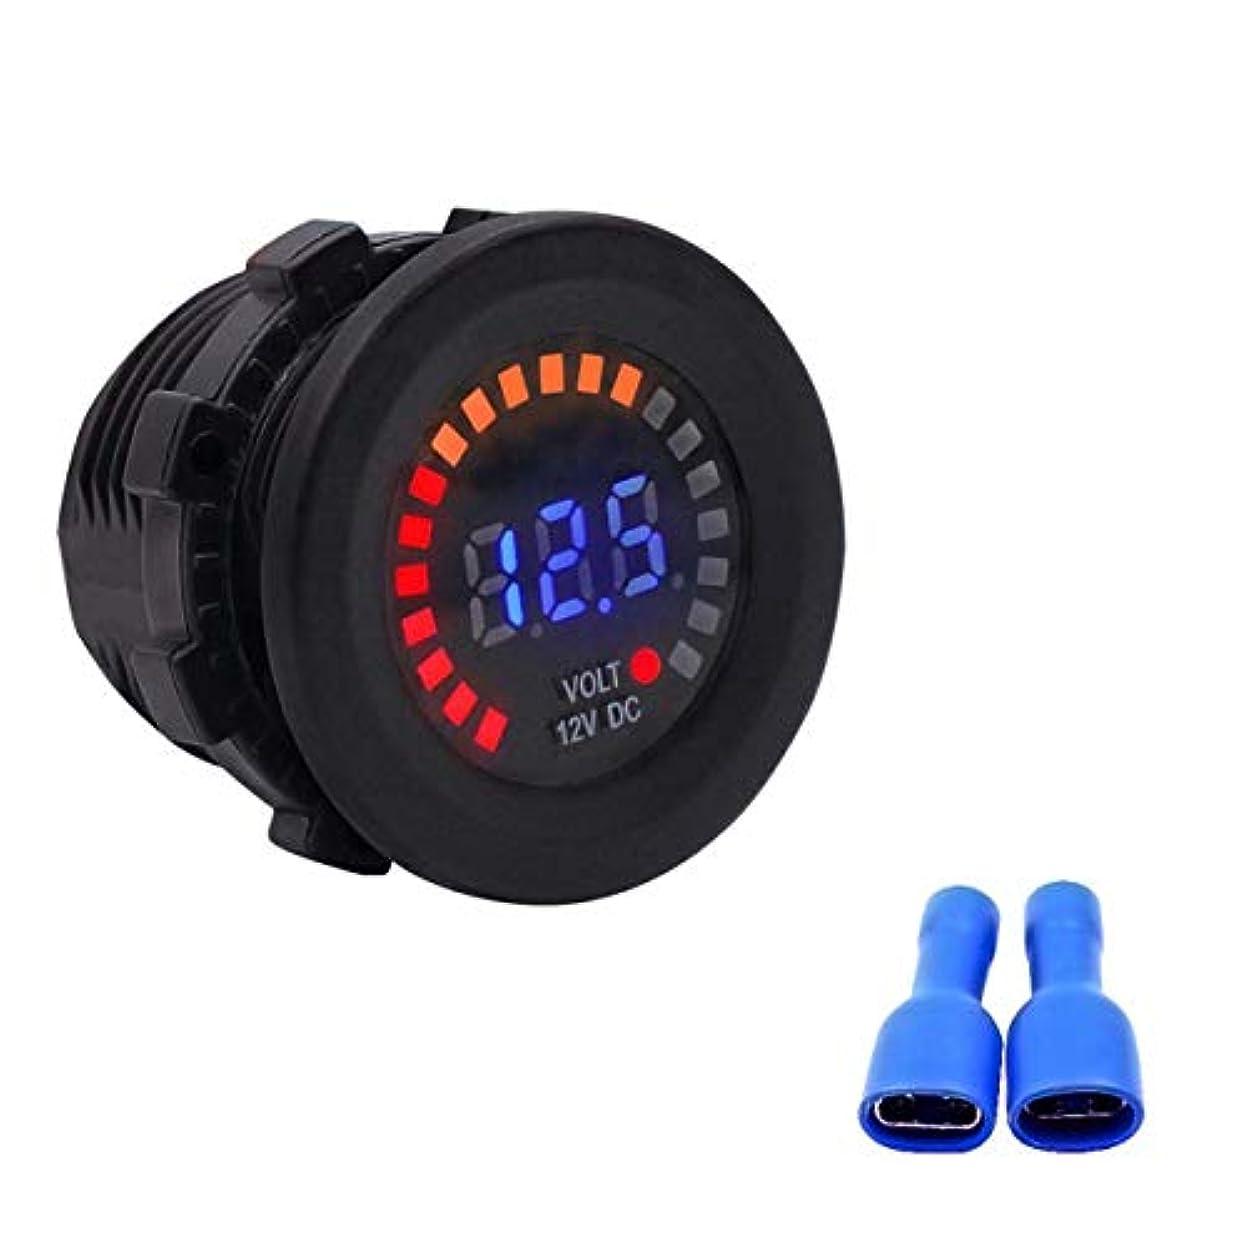 シンプルさジョセフバンクス振り子12V防水カーオートバイLEDデジタルパネルディスプレイ電圧計電圧計